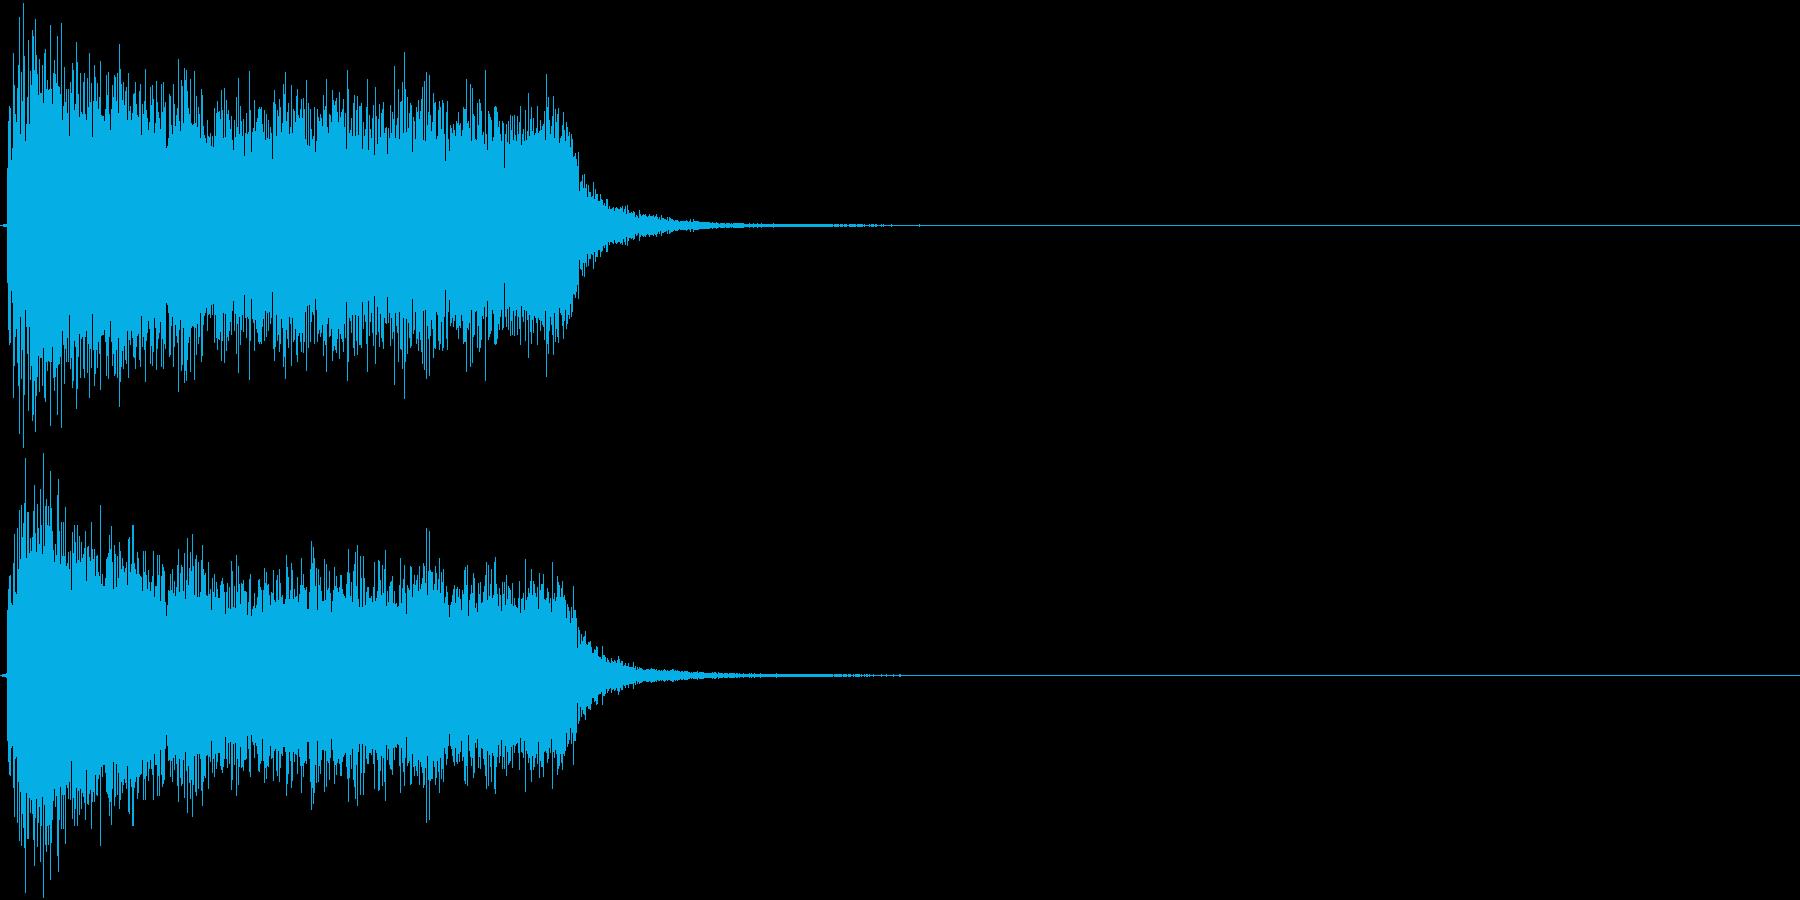 ジャーン(悪役が登場するイメージの音)の再生済みの波形